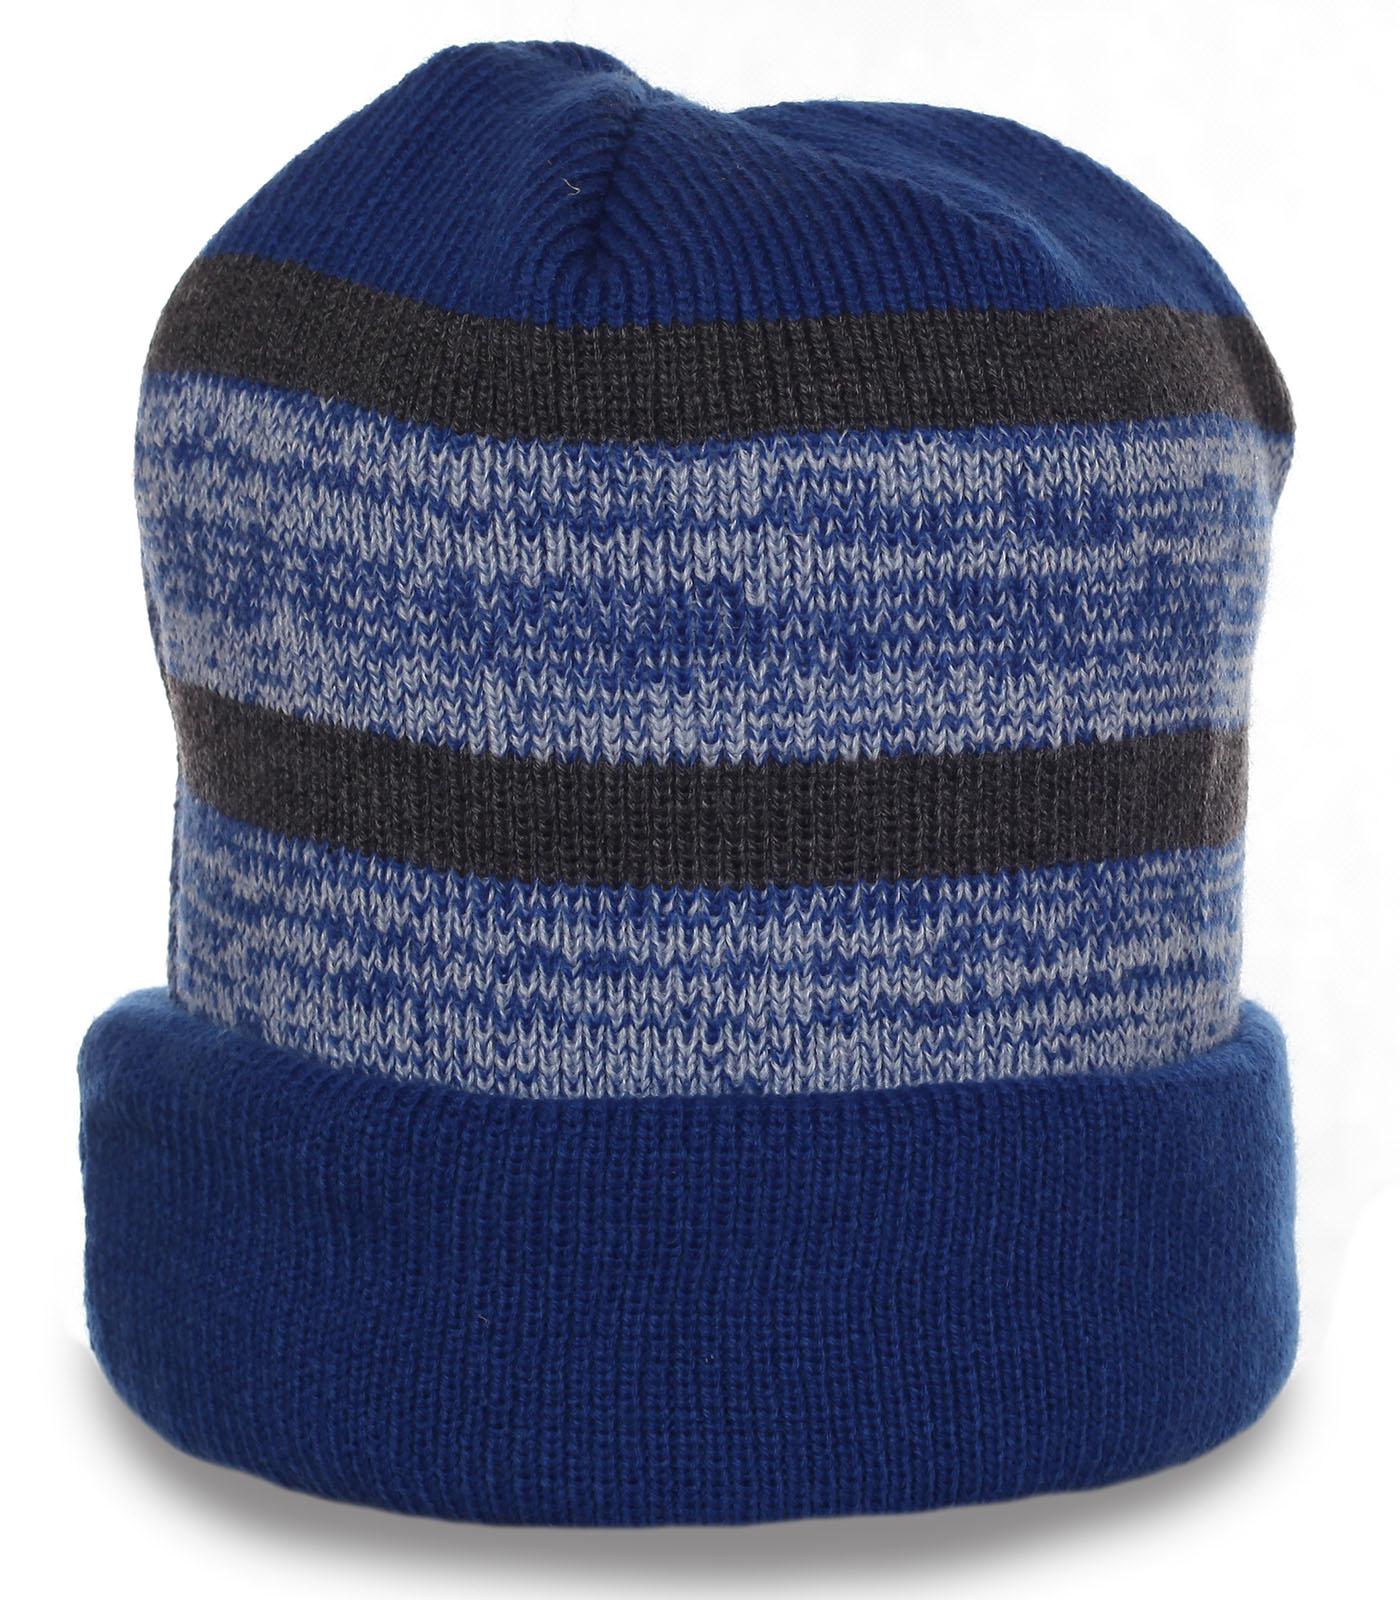 Теплая мужская шапка с отворотом спортивного стиля отменный функциональный аксессуар